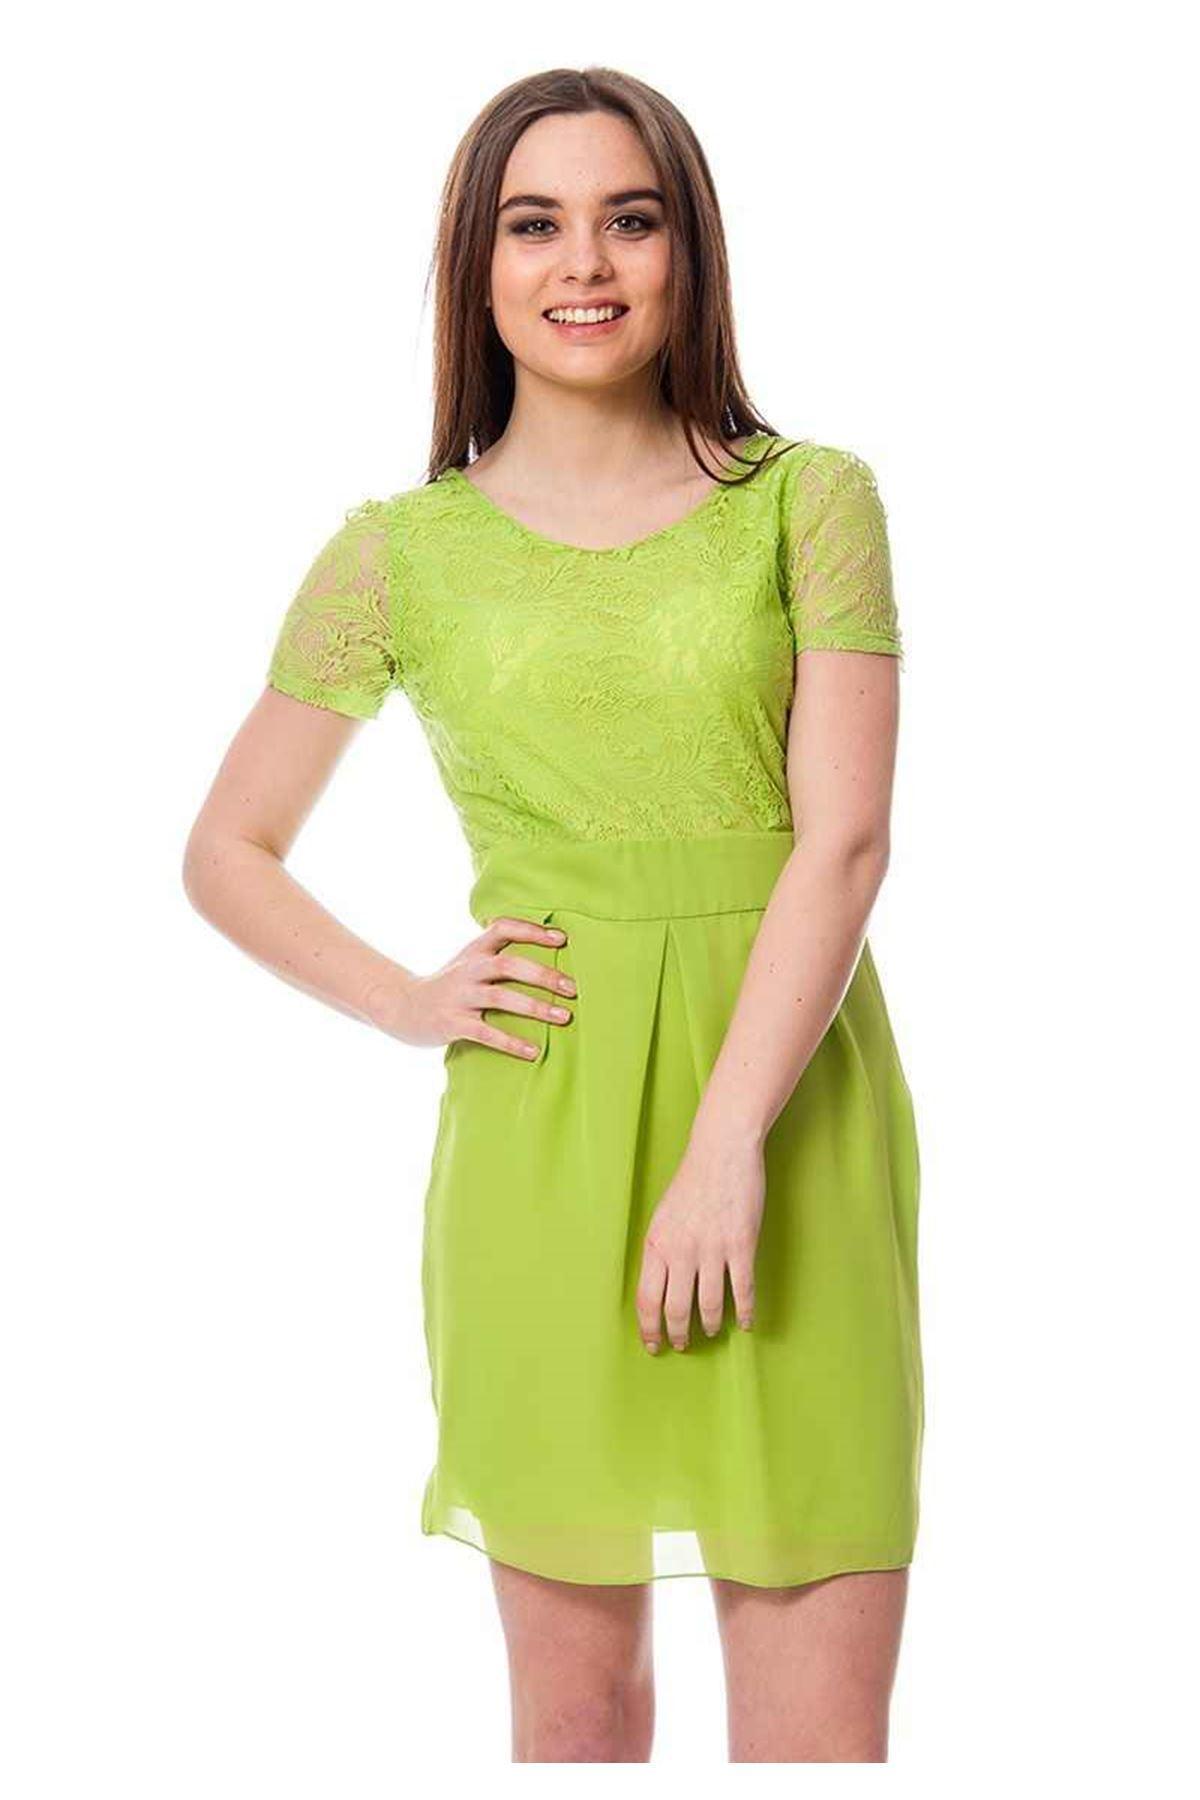 Fıstık Yeşili Dantel Kadın Elbise H9-113802